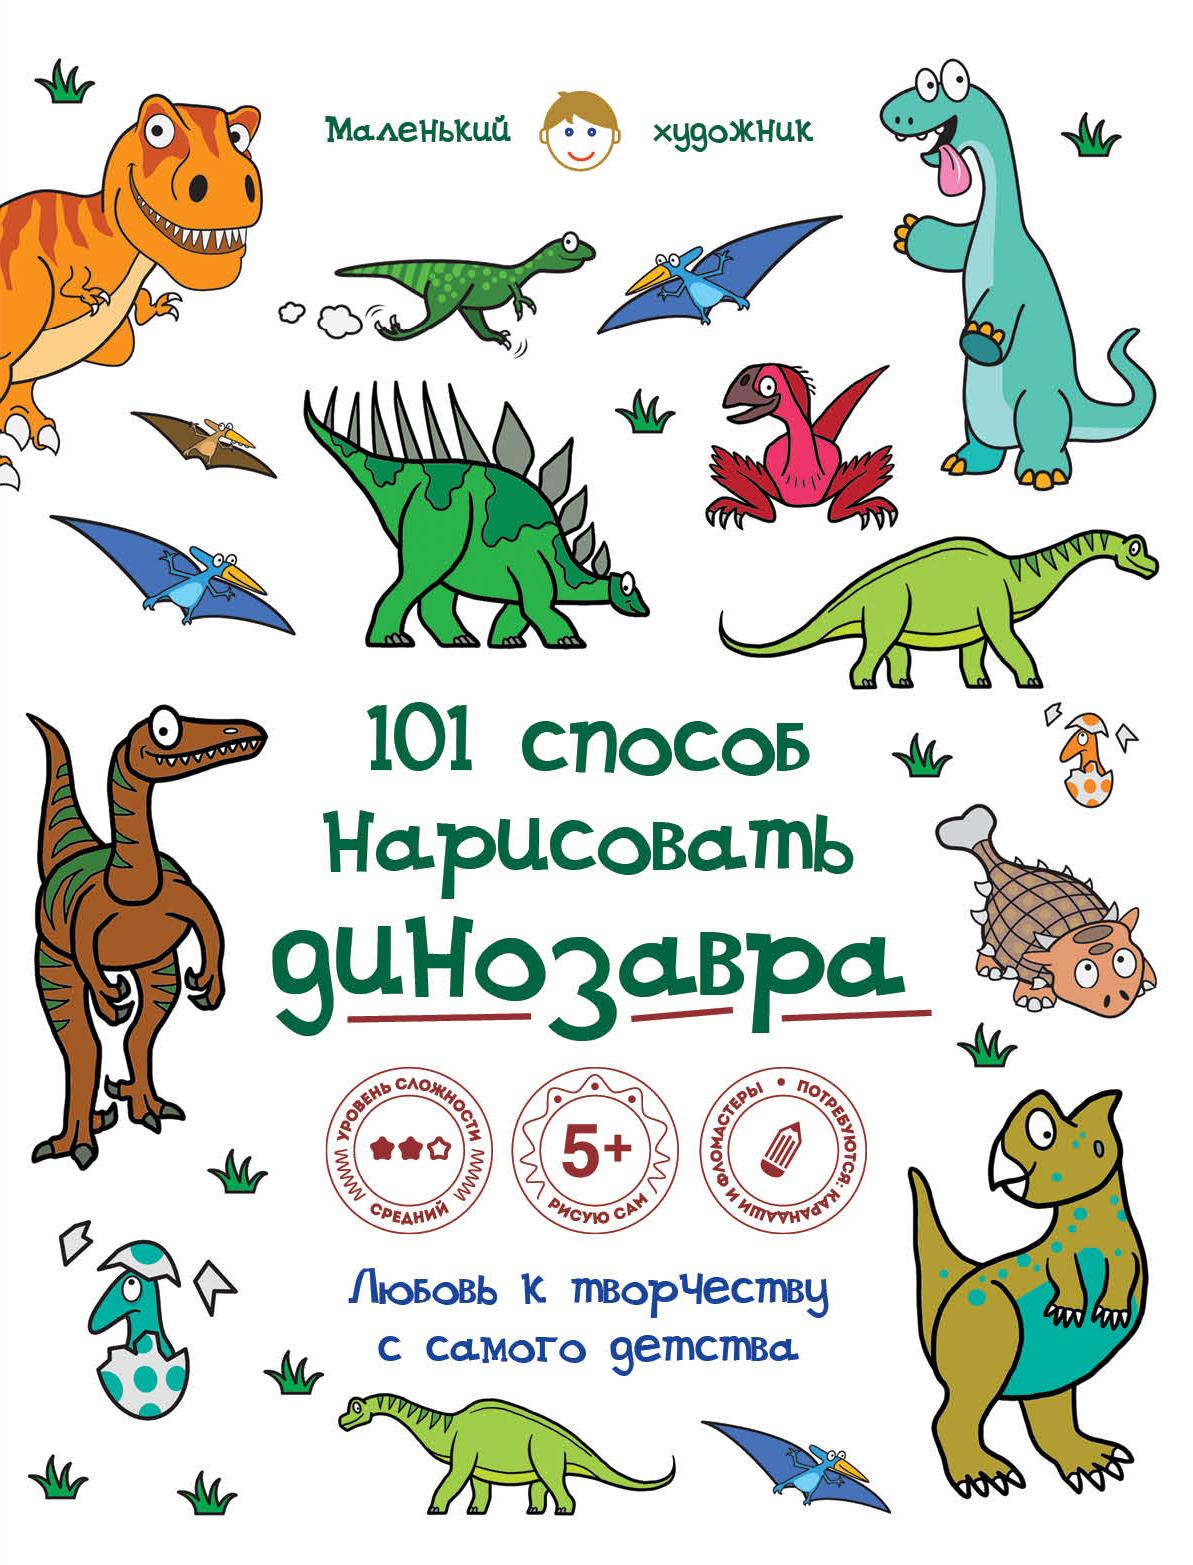 101 способ нарисовать динозавра! как нарисовать динозавра и других чудищ 5